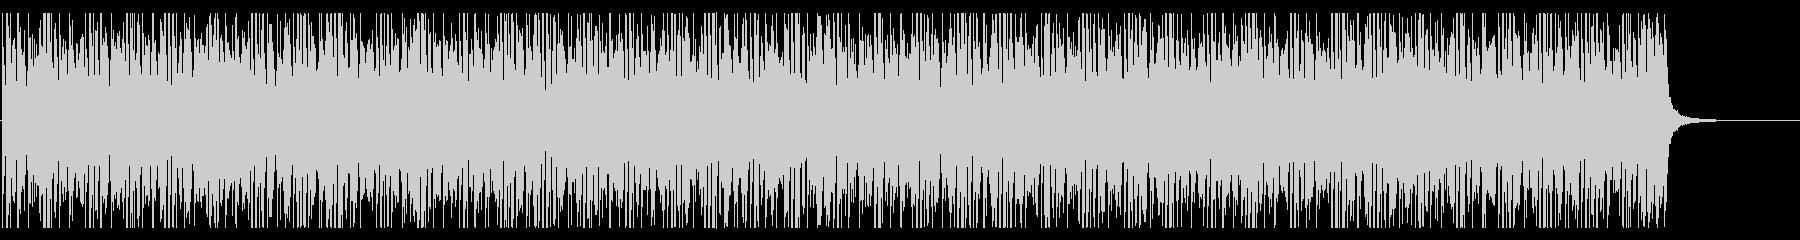 明るくてシンプルな曲調のエレクトロニックの未再生の波形